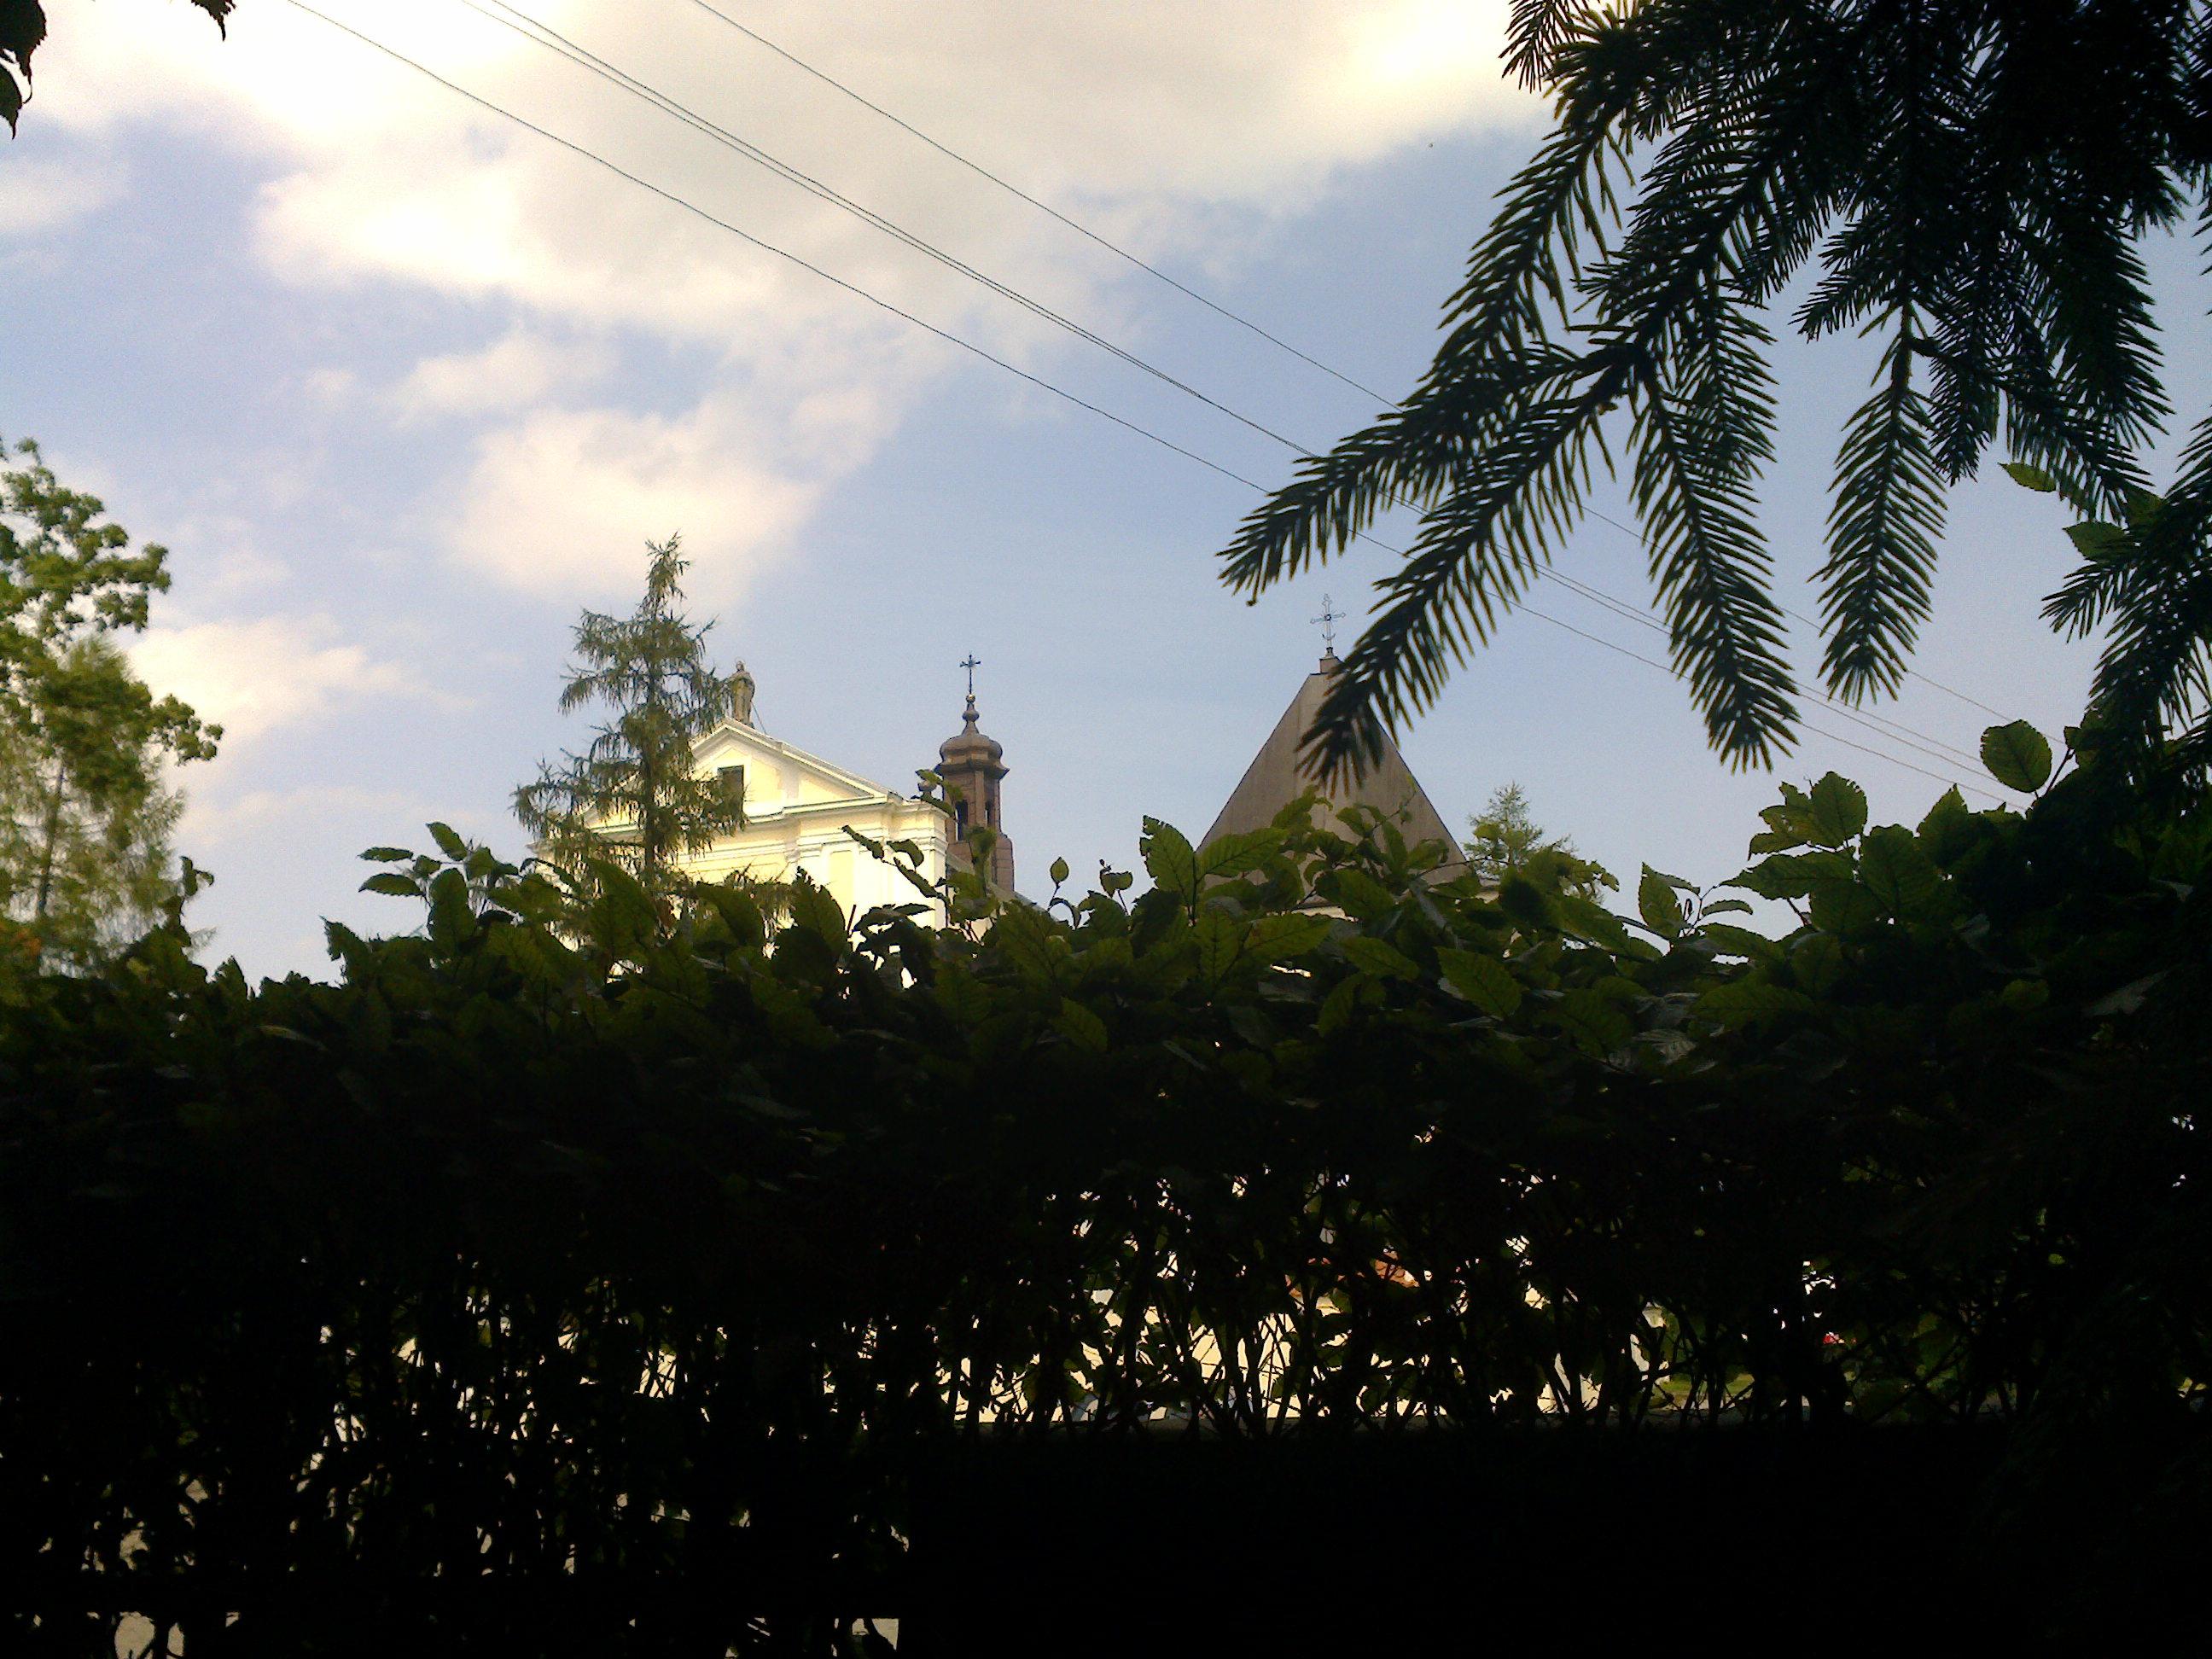 Sygnaturka koscioła widziana z ogrodów plebanii